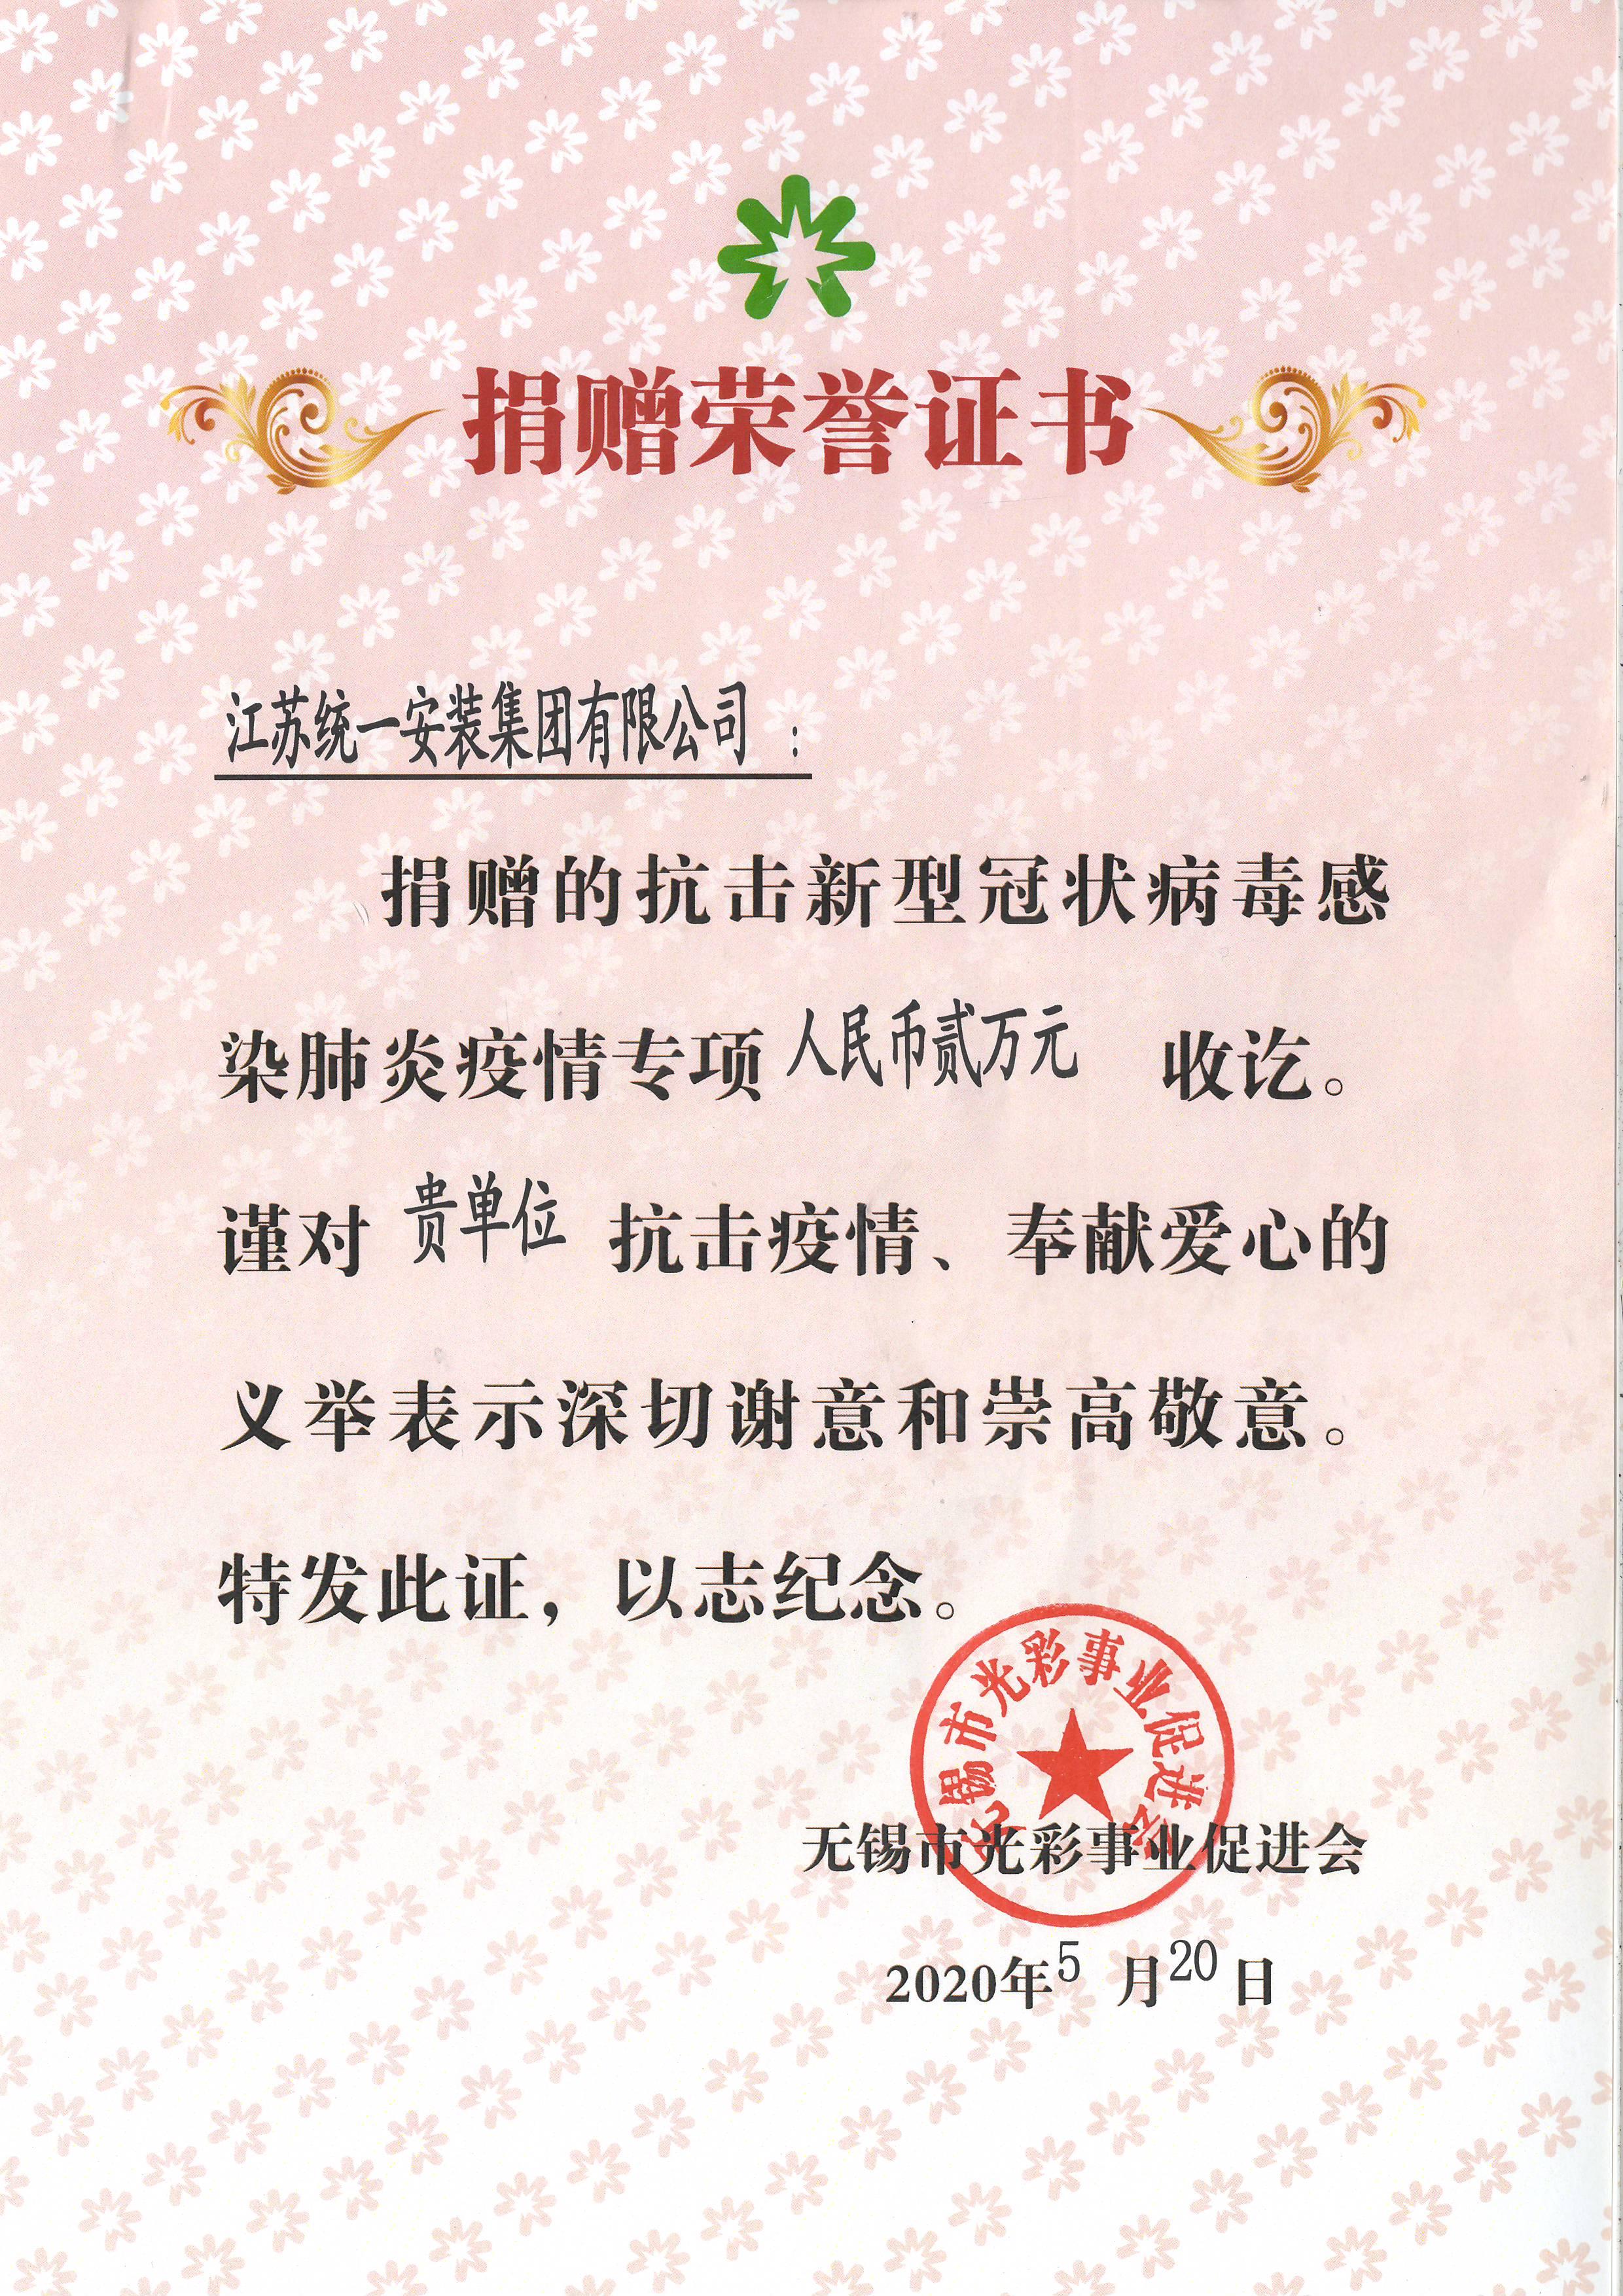 捐赠荣誉证书(2020.5.20)